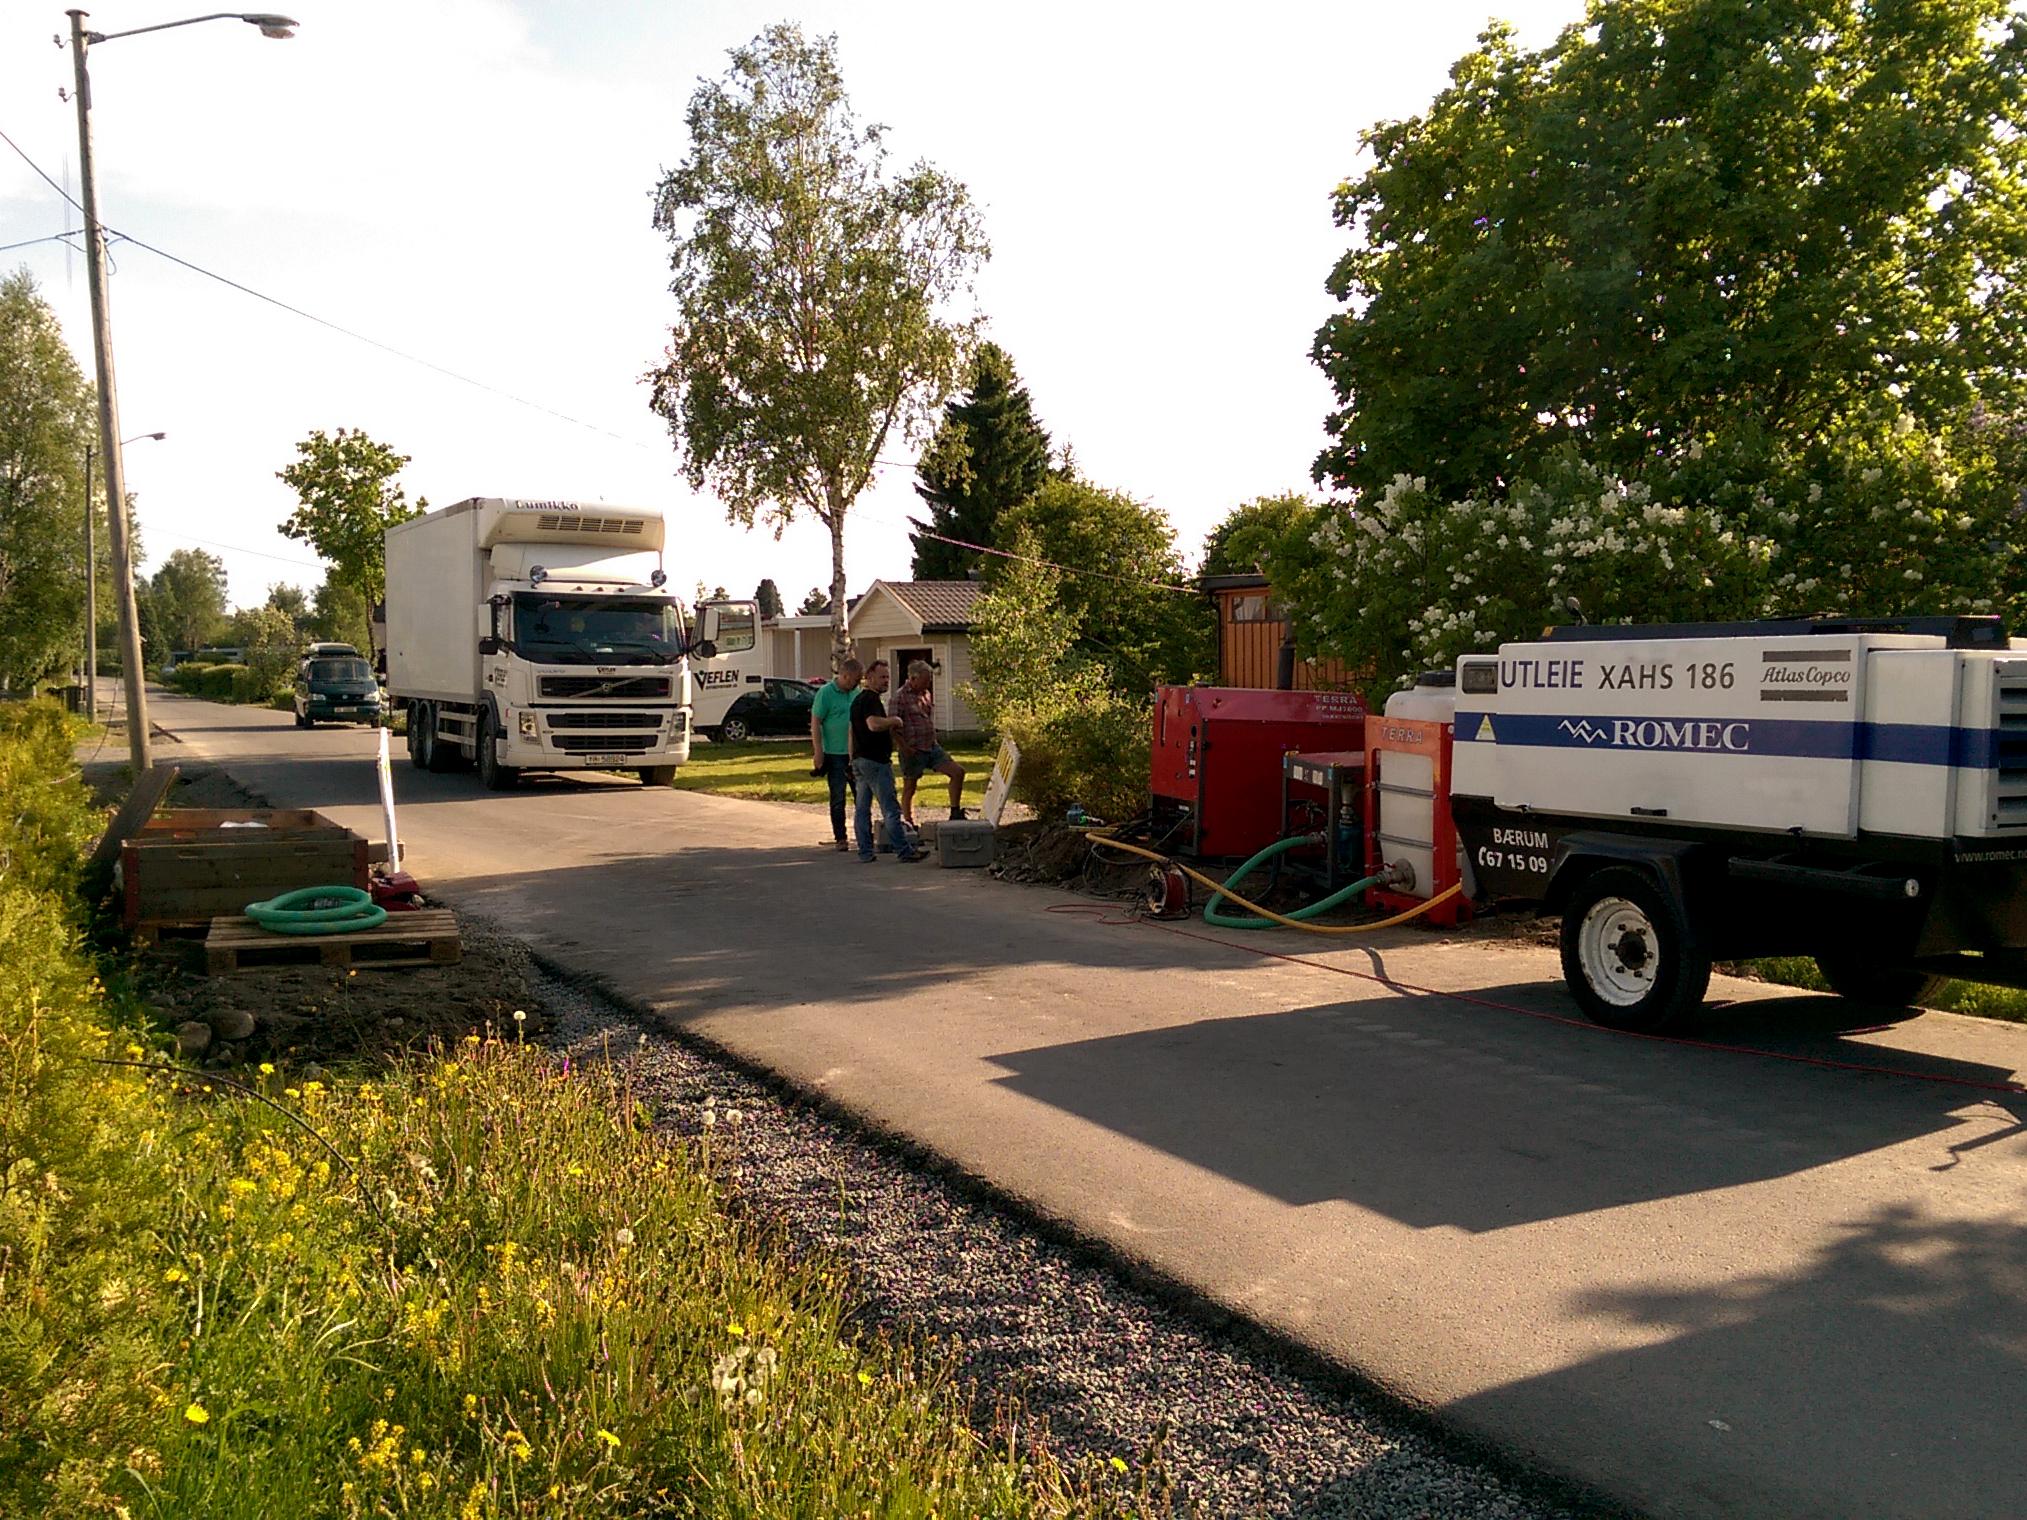 Grubenbohranlage: 300 Strassen wie diese müssen grabenlos für die Verlegung von Glasfaserkabeln passiert werden. Die Längen variieren von 7 - 18 m.